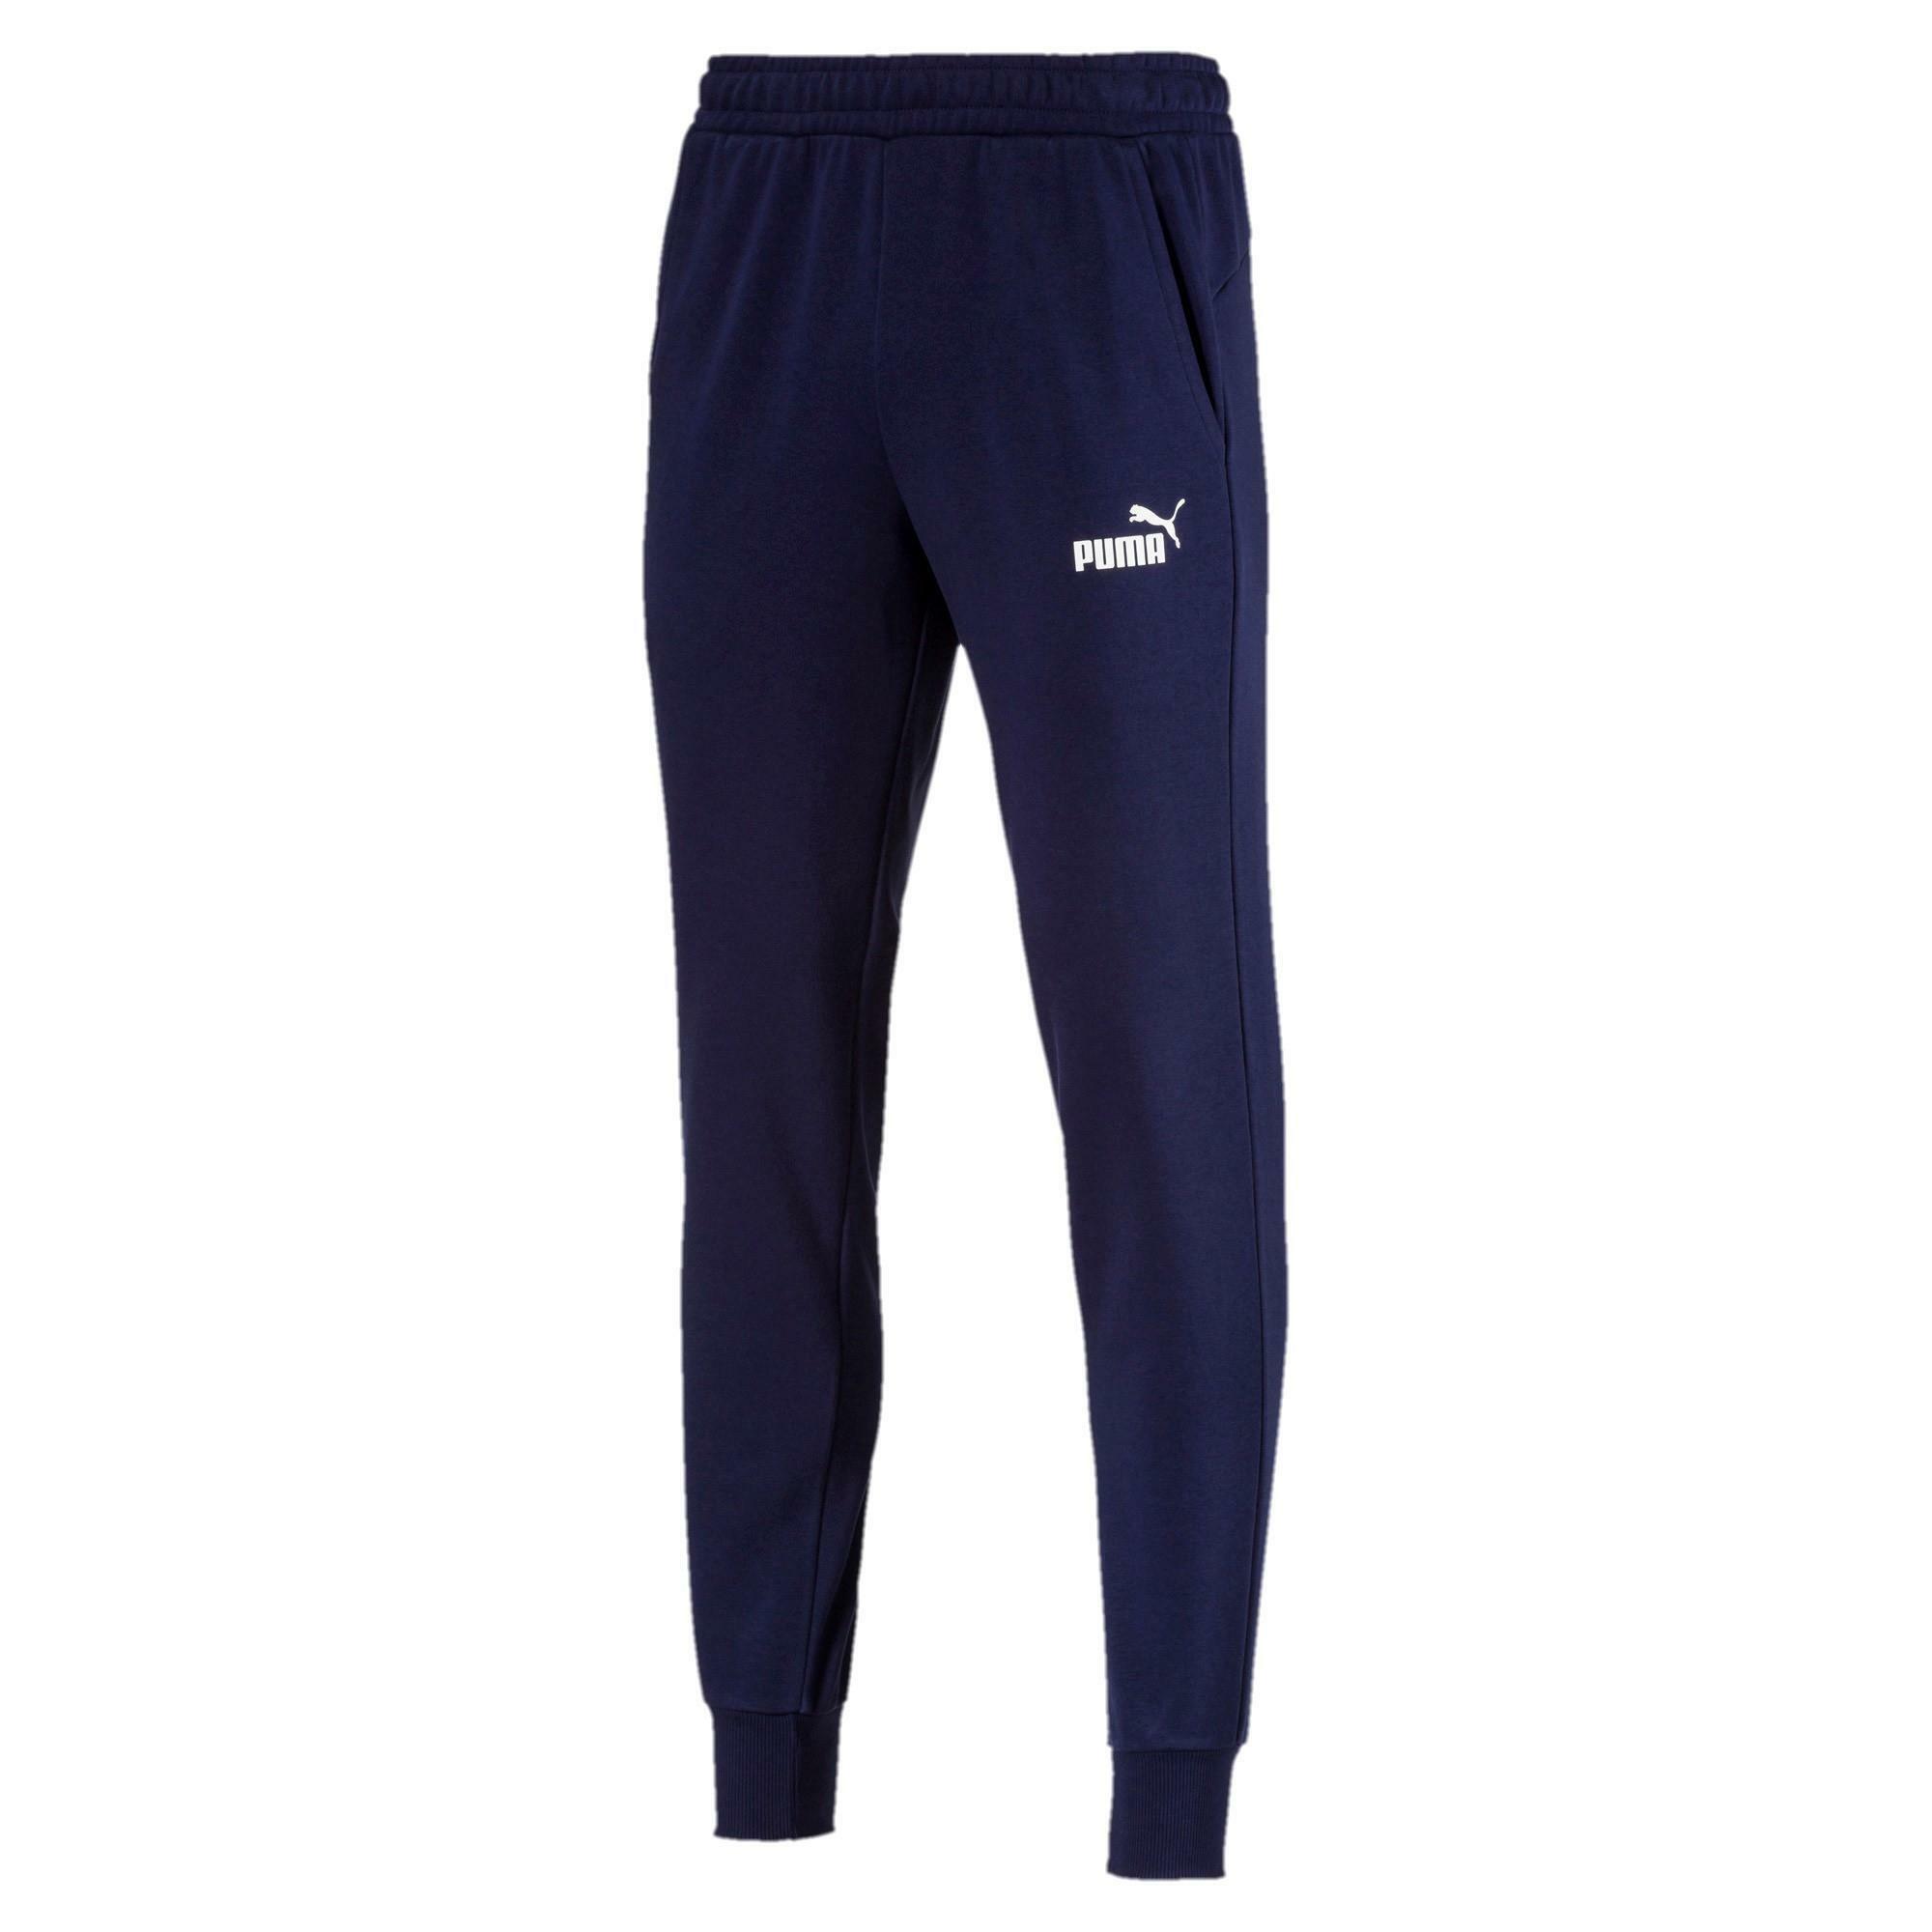 puma puma pantalone essentials blu